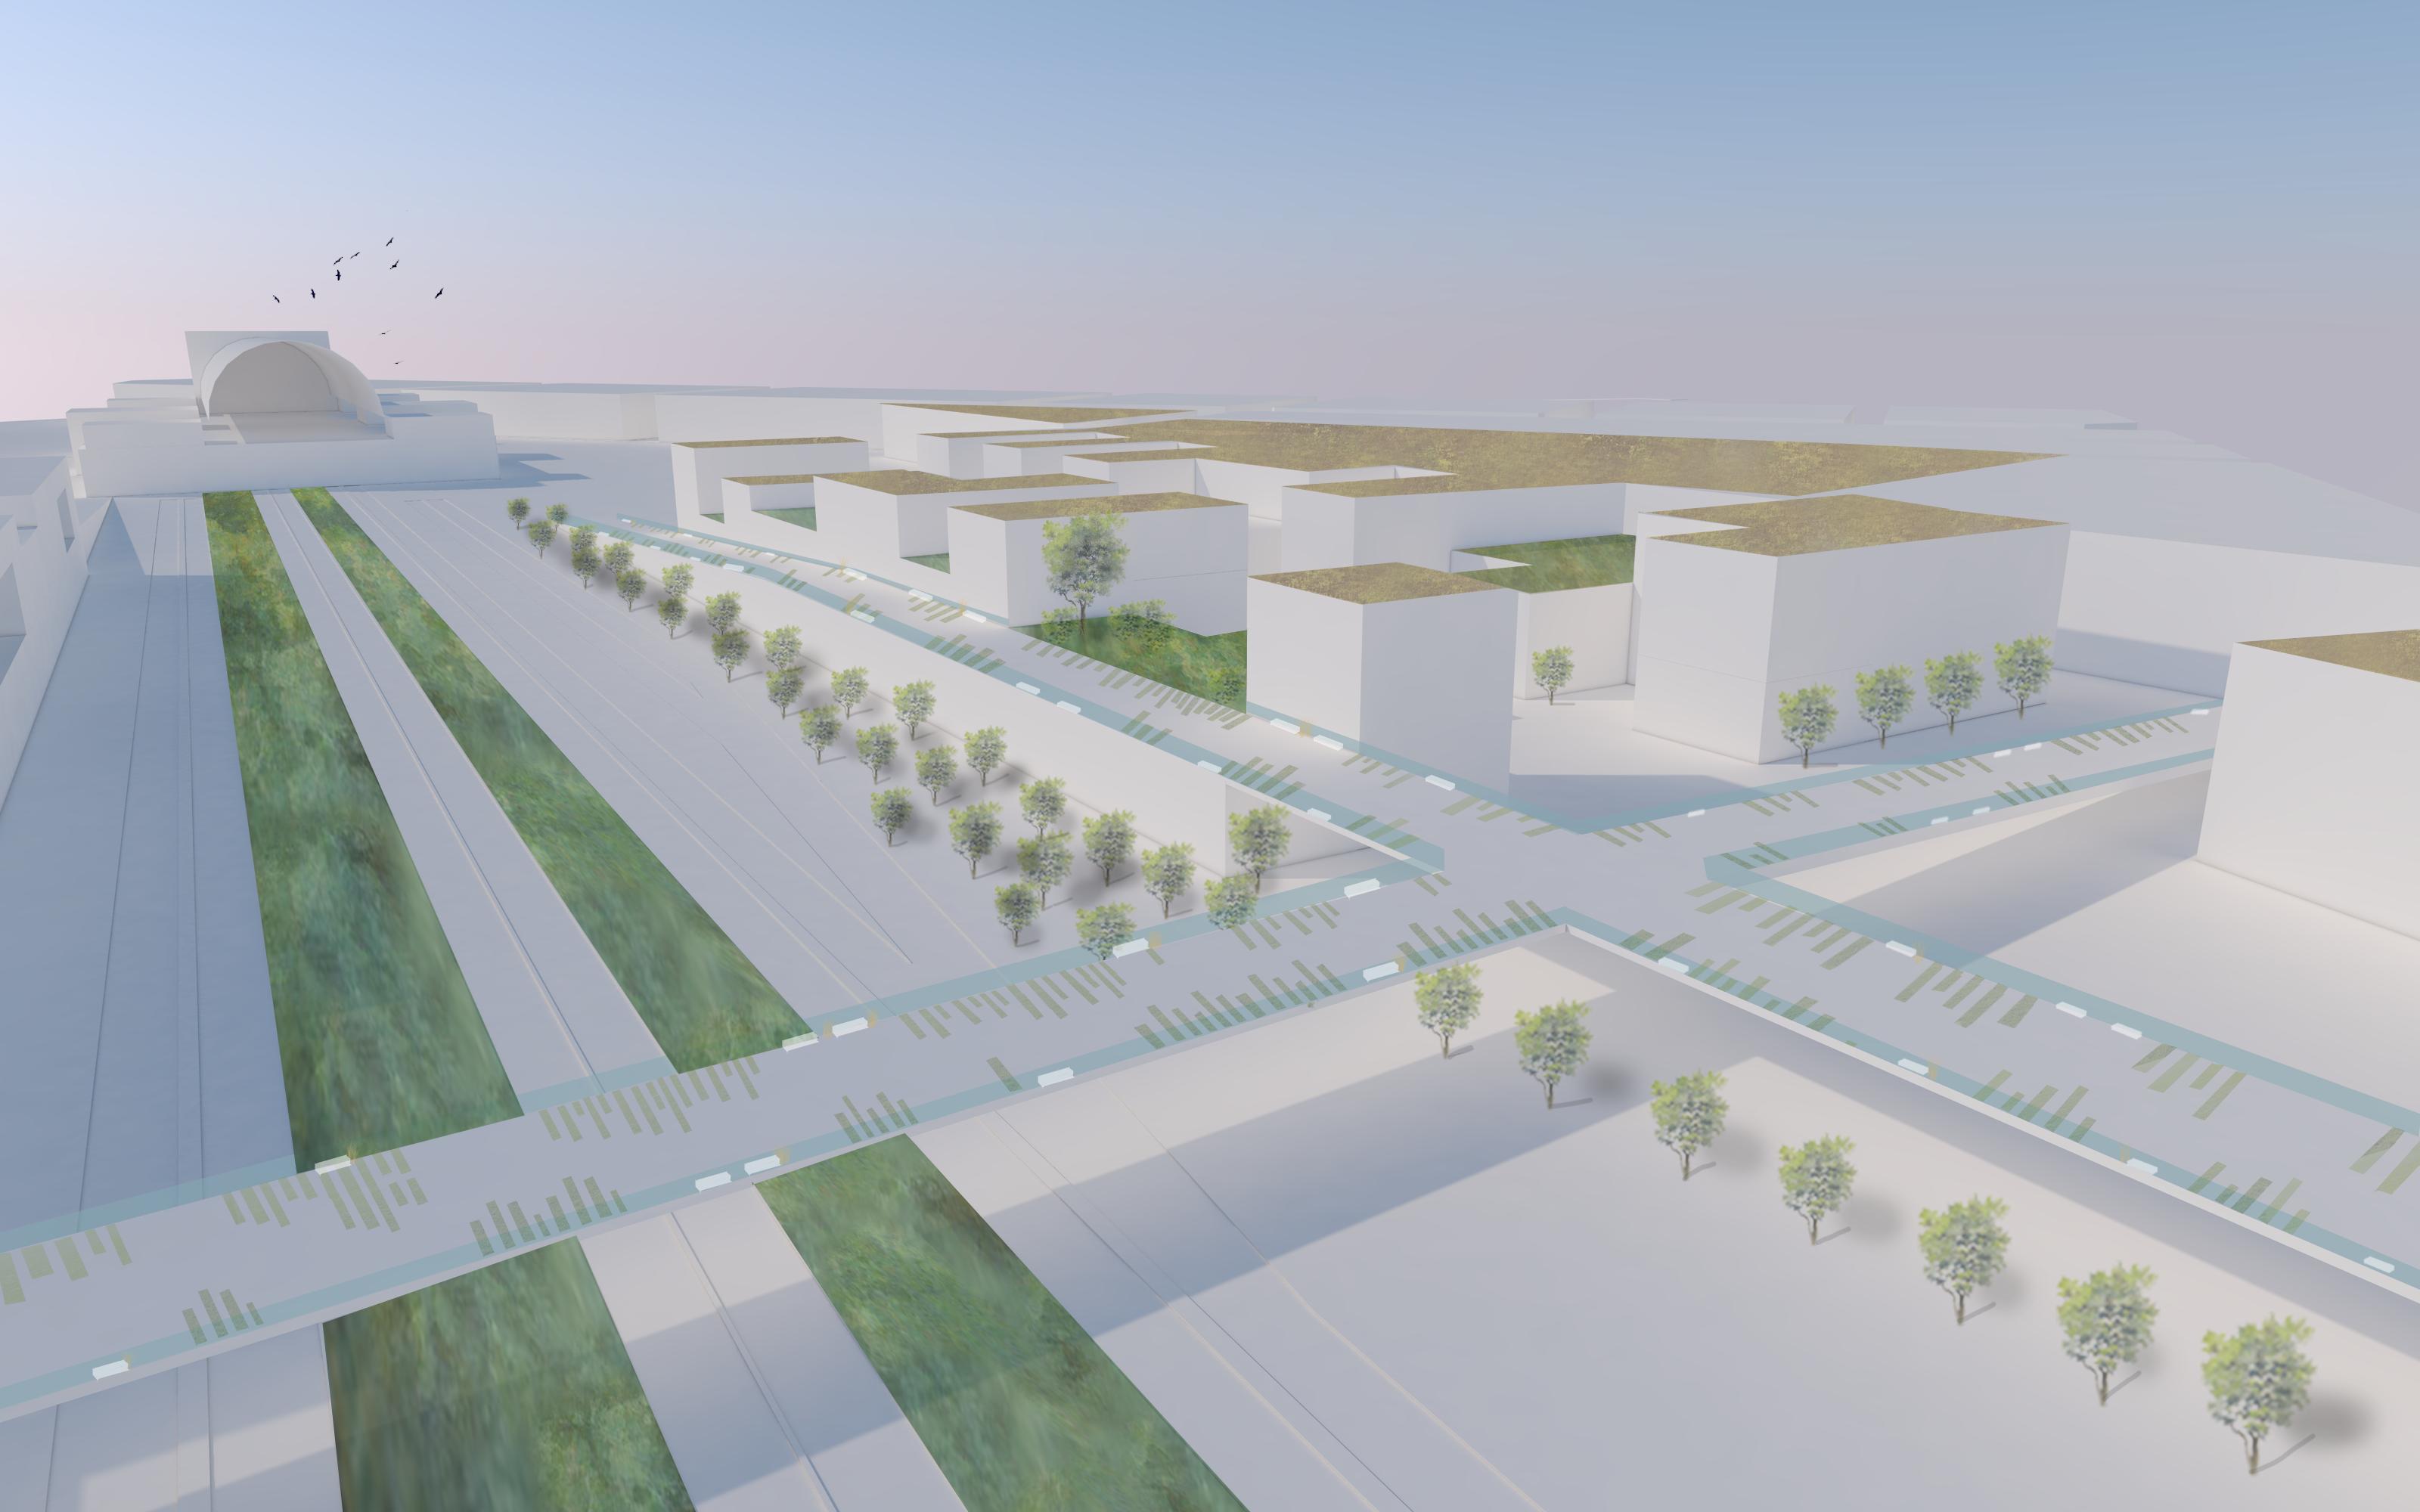 A környéken felszabaduló rozsdaövezet felszámolásával a város új területeket kaphat, melyeken lakóépületek és irodaházak épülhetnek jó közlekedési kapcsolattal.